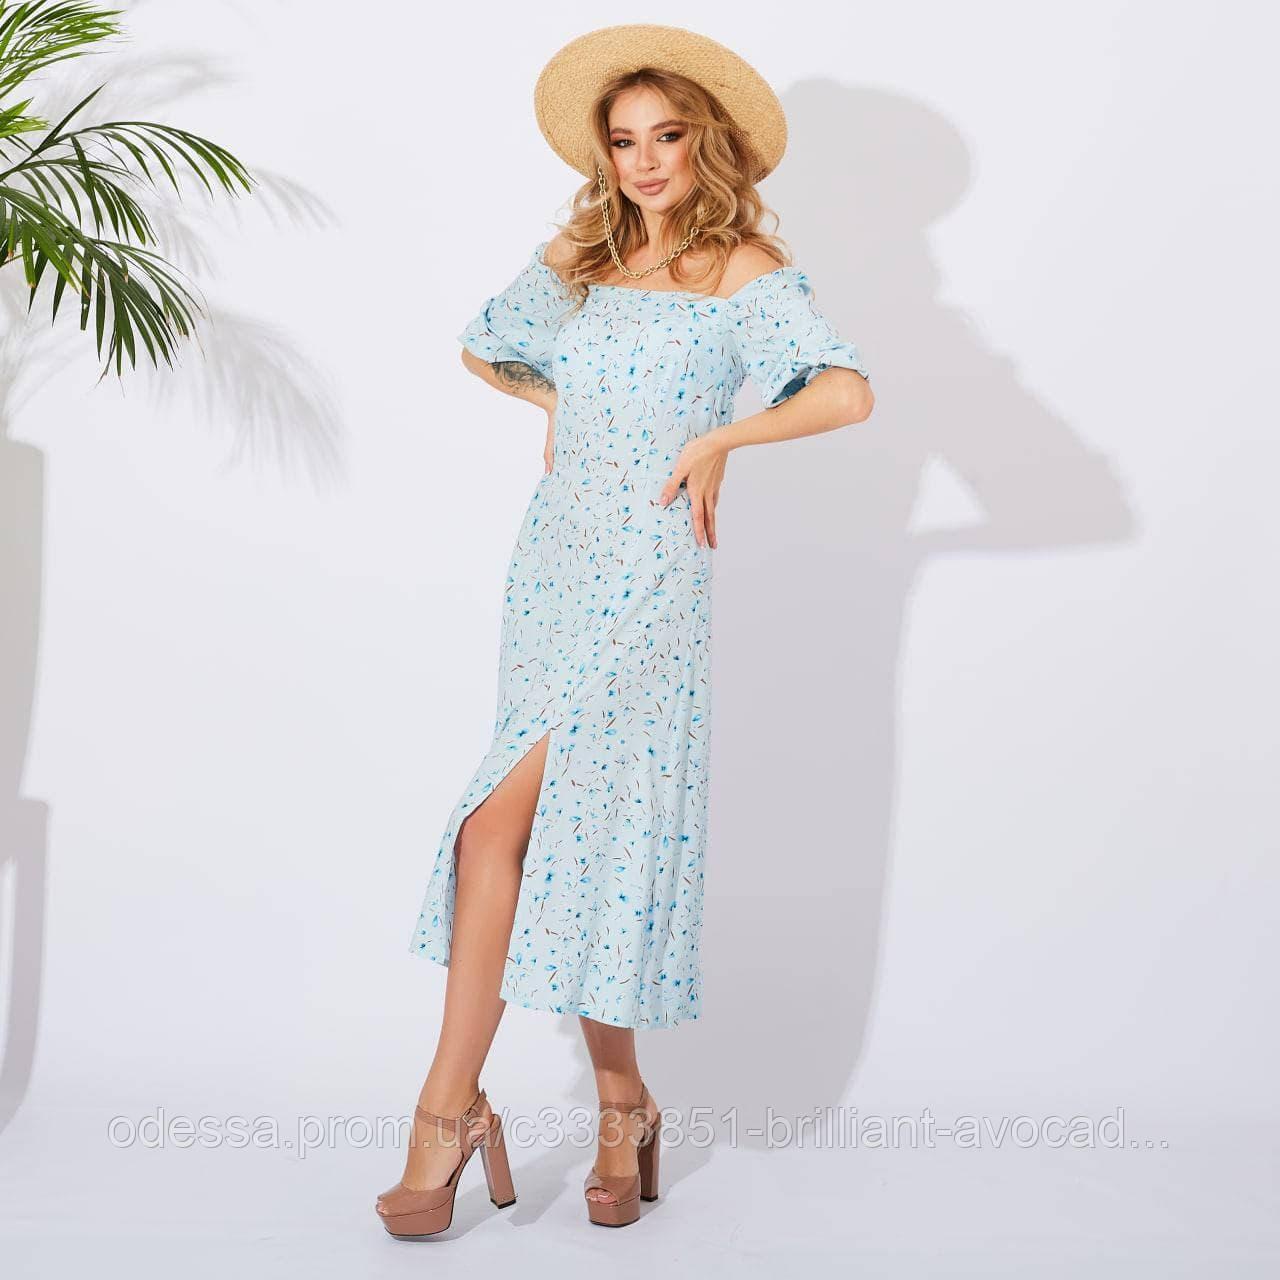 Женское летнее длинное платье с открытыми плечами в цветочный принт